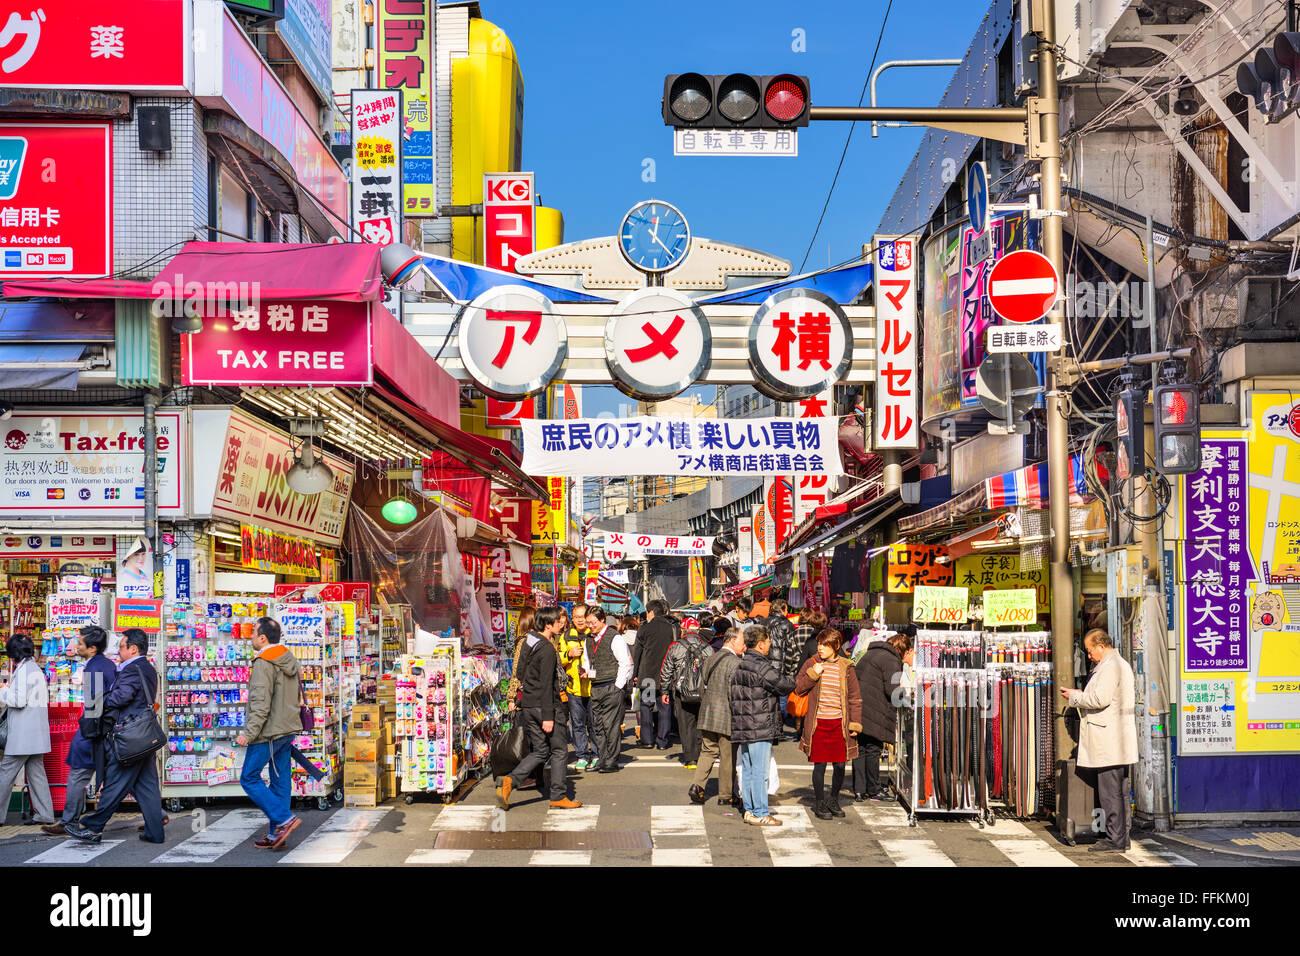 Massen an Ameyoko Geschäft Bezirk von Tokio, Japan. Stockbild